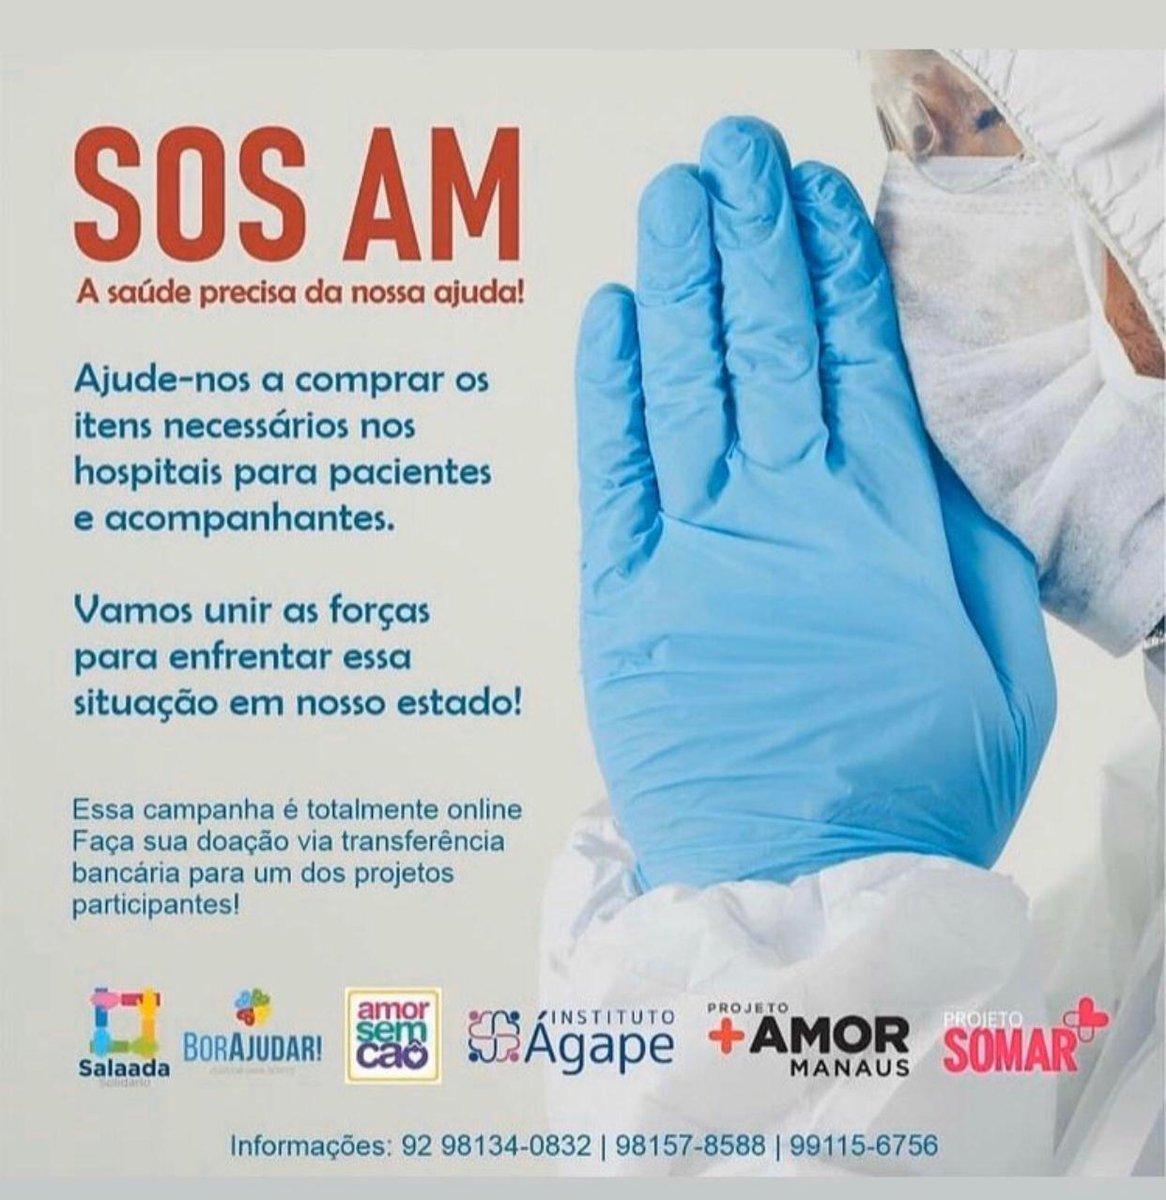 O chamado pulmão do mundo está sem oxigênio, o momento é de solidariedade e mobilização. Conheça e contribua com os projetos em prol da melhoria de condições da saúde do Amazonas.  #OxigênioParaManaus #SOSManaus #SOSAM